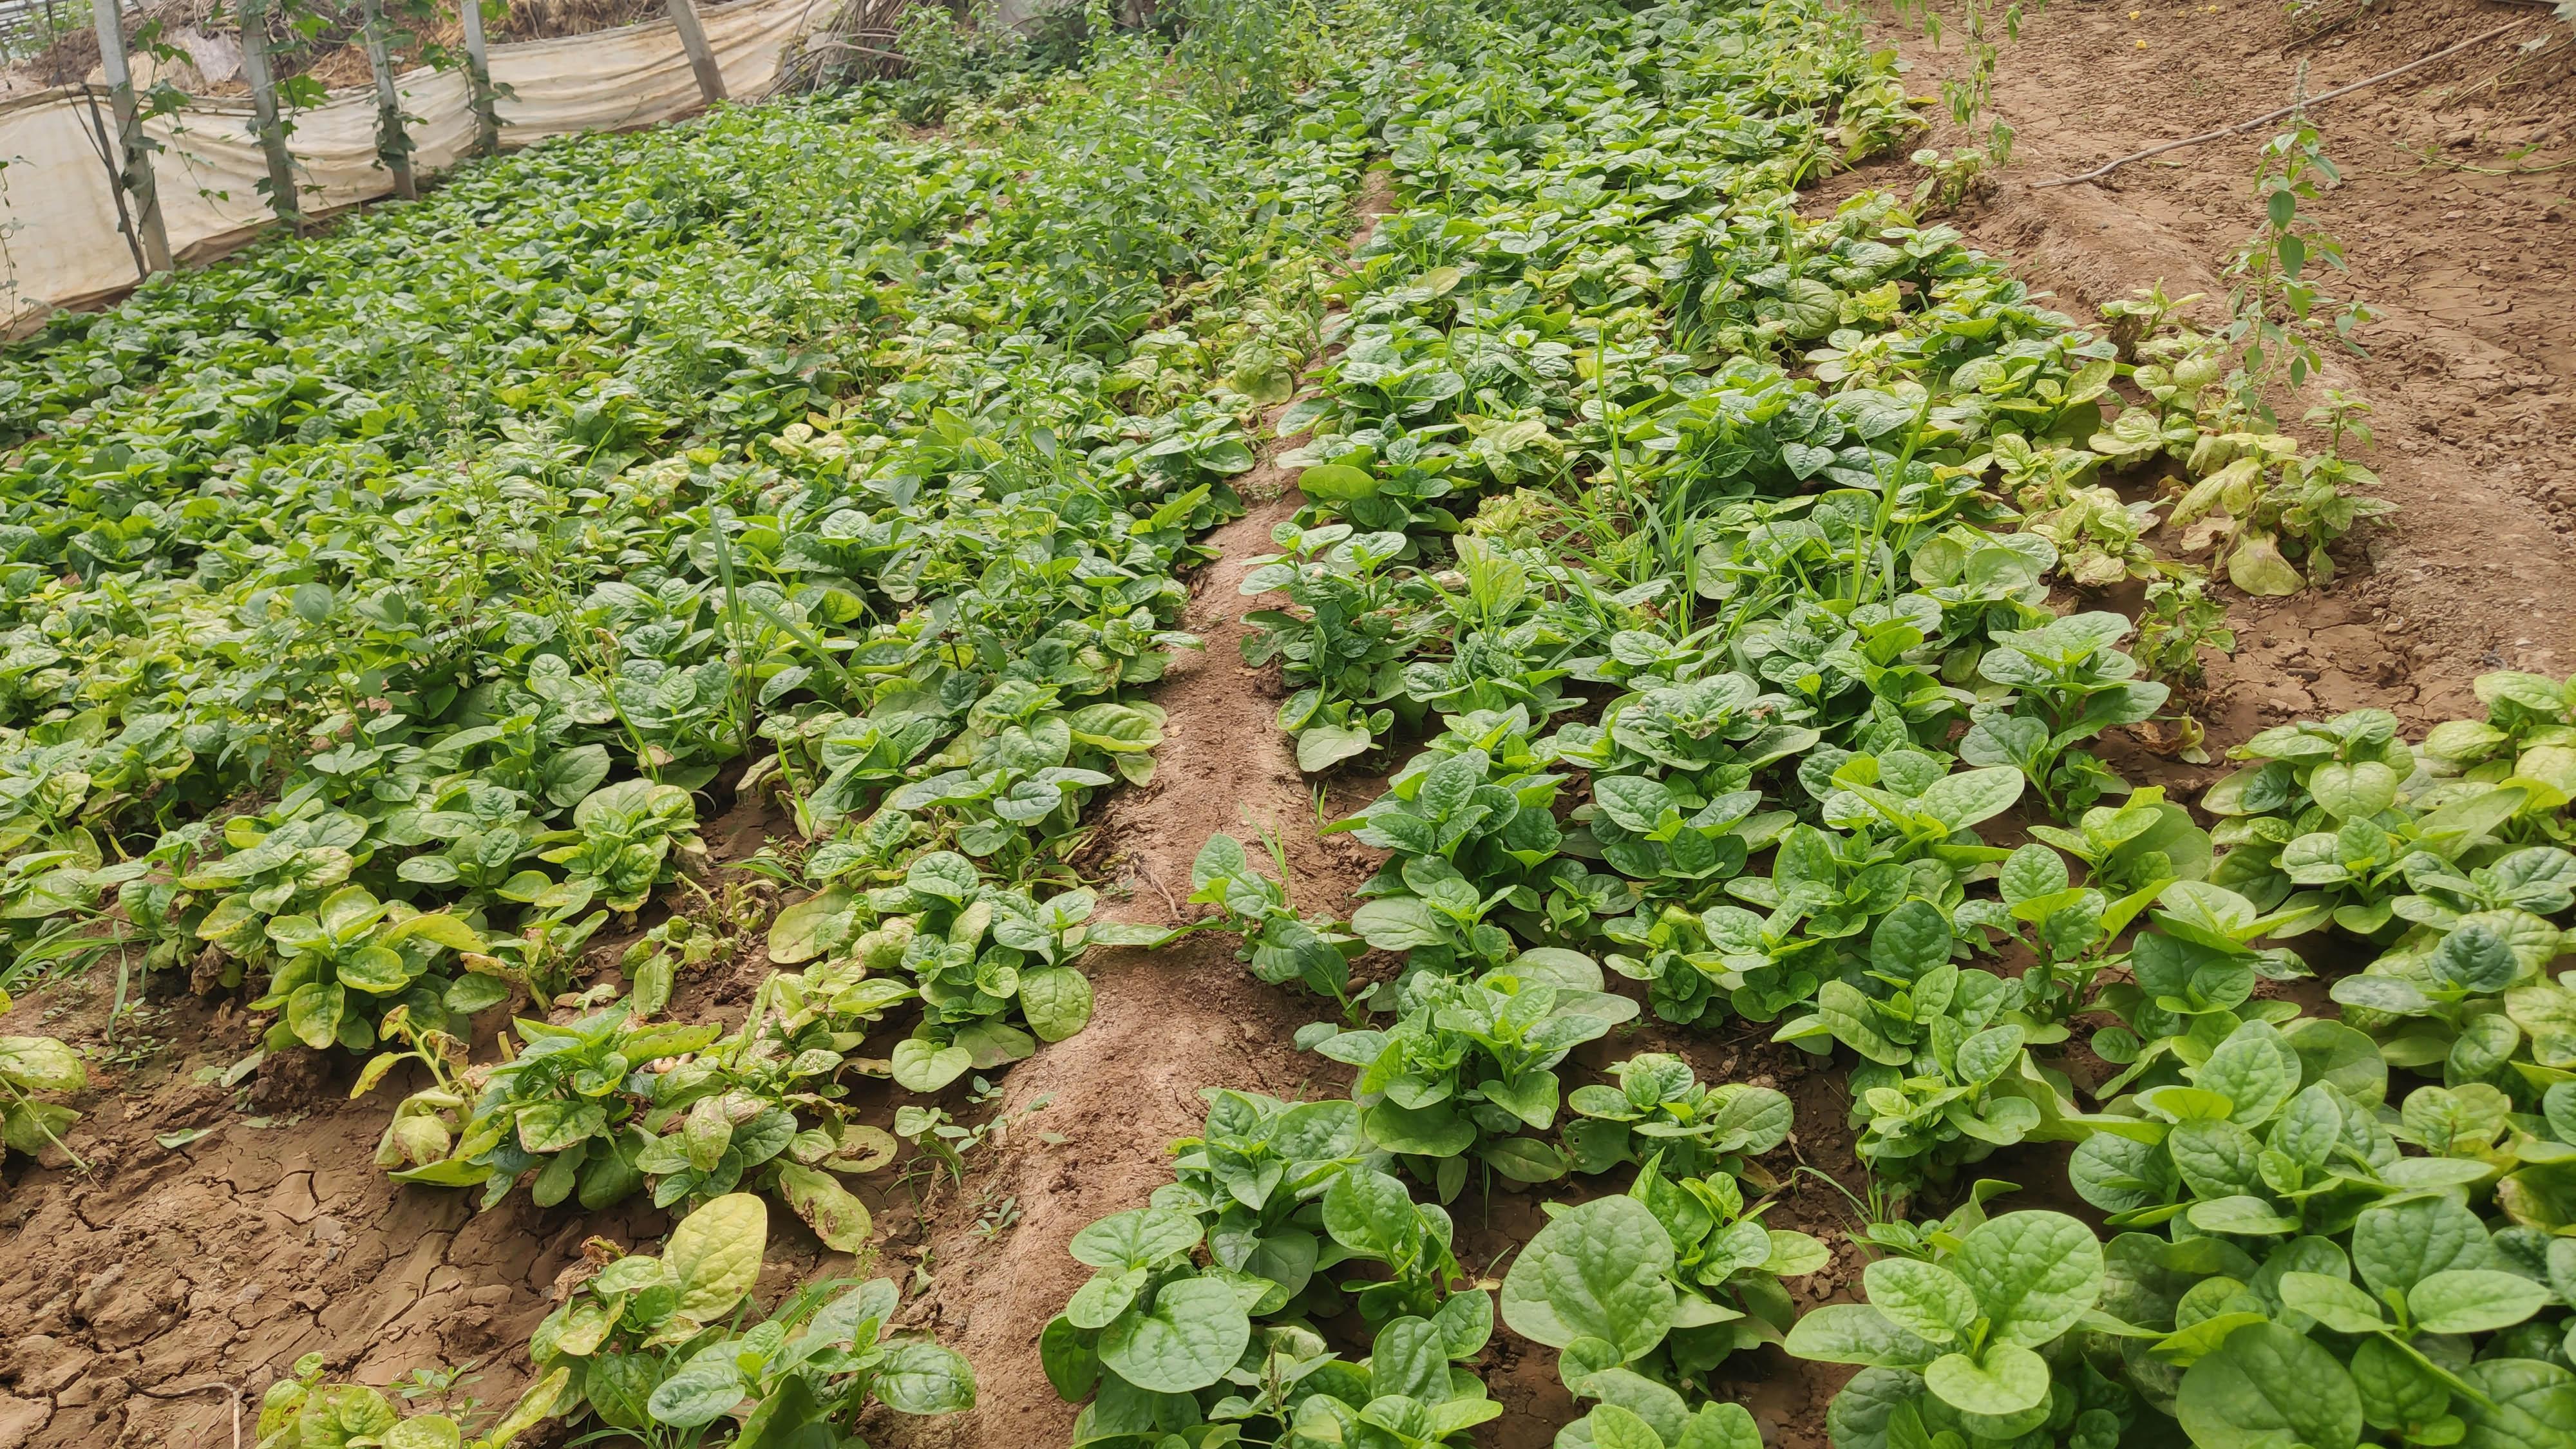 未使用植物生长调节剂的木耳菜